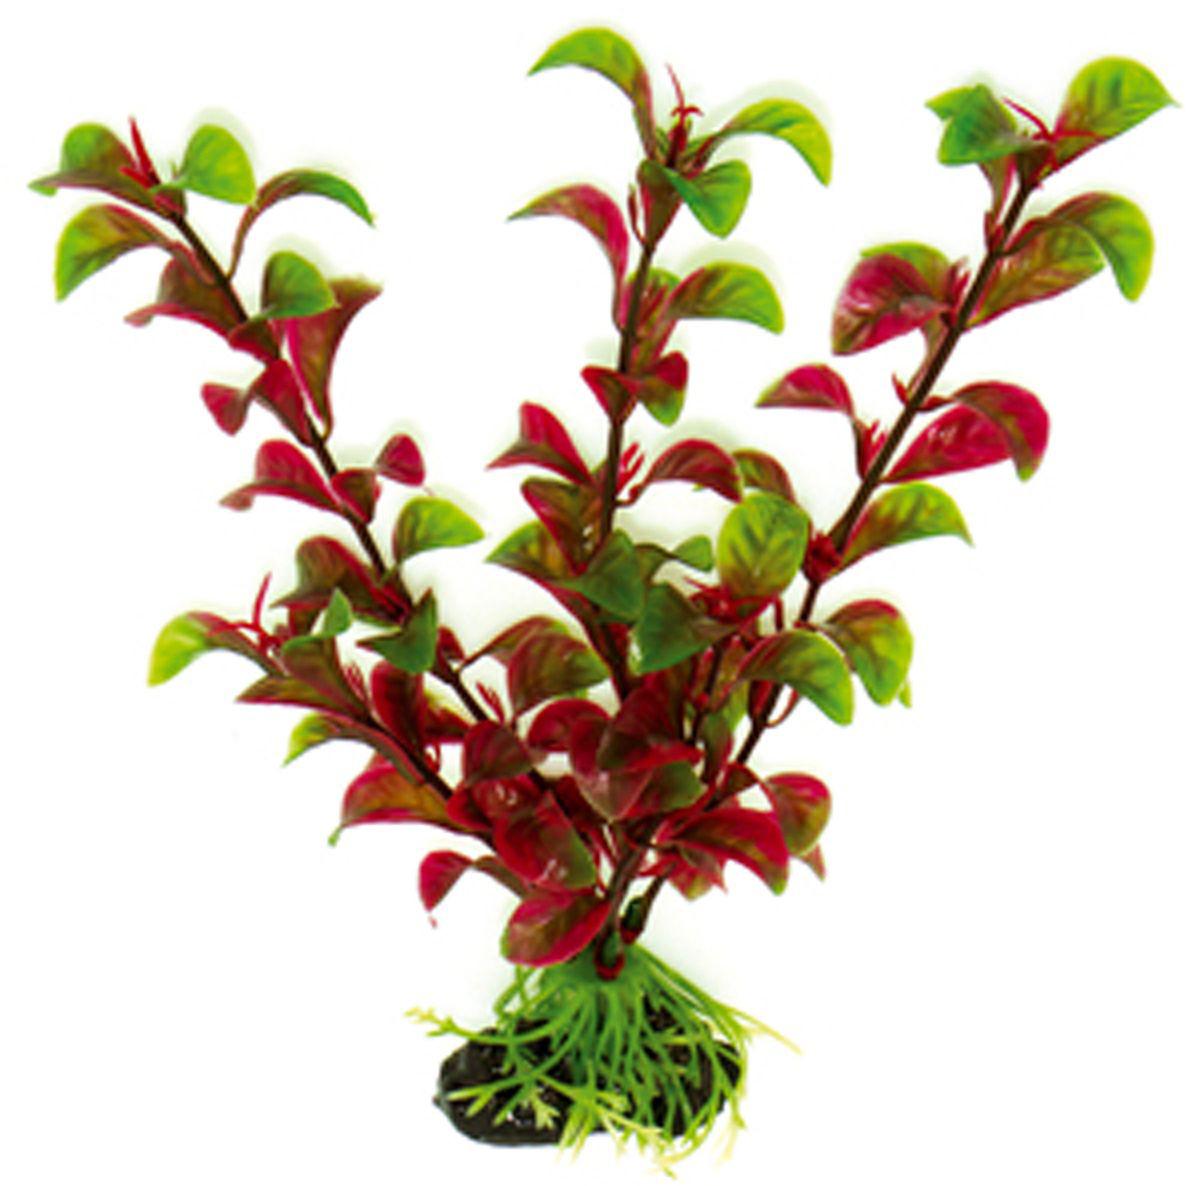 Искусственное растение для аквариума Dezzie, 20 см. 5602038GRAVEL 027/3,5Подводное искусственное растение для аквариума Dezzie является неотъемлемой частью композиции аквариума, радует глаз, а также может быть уютным убежищем для рыб и других обитателей аквариума. Пластиковое растение имеет устойчивое дно, которое не нуждается в дополнительном утяжелении и легко устанавливается в грунт. Растение очень практично в использовании, имеет стойкую к воздействию воды окраску и не требует обременительного ухода. Его можно легко достать и протереть тряпкой во время уборки аквариума. Растения из пластика создадут неповторимый дизайн пресноводного или морского аквариума.Высота растения: 20 см.